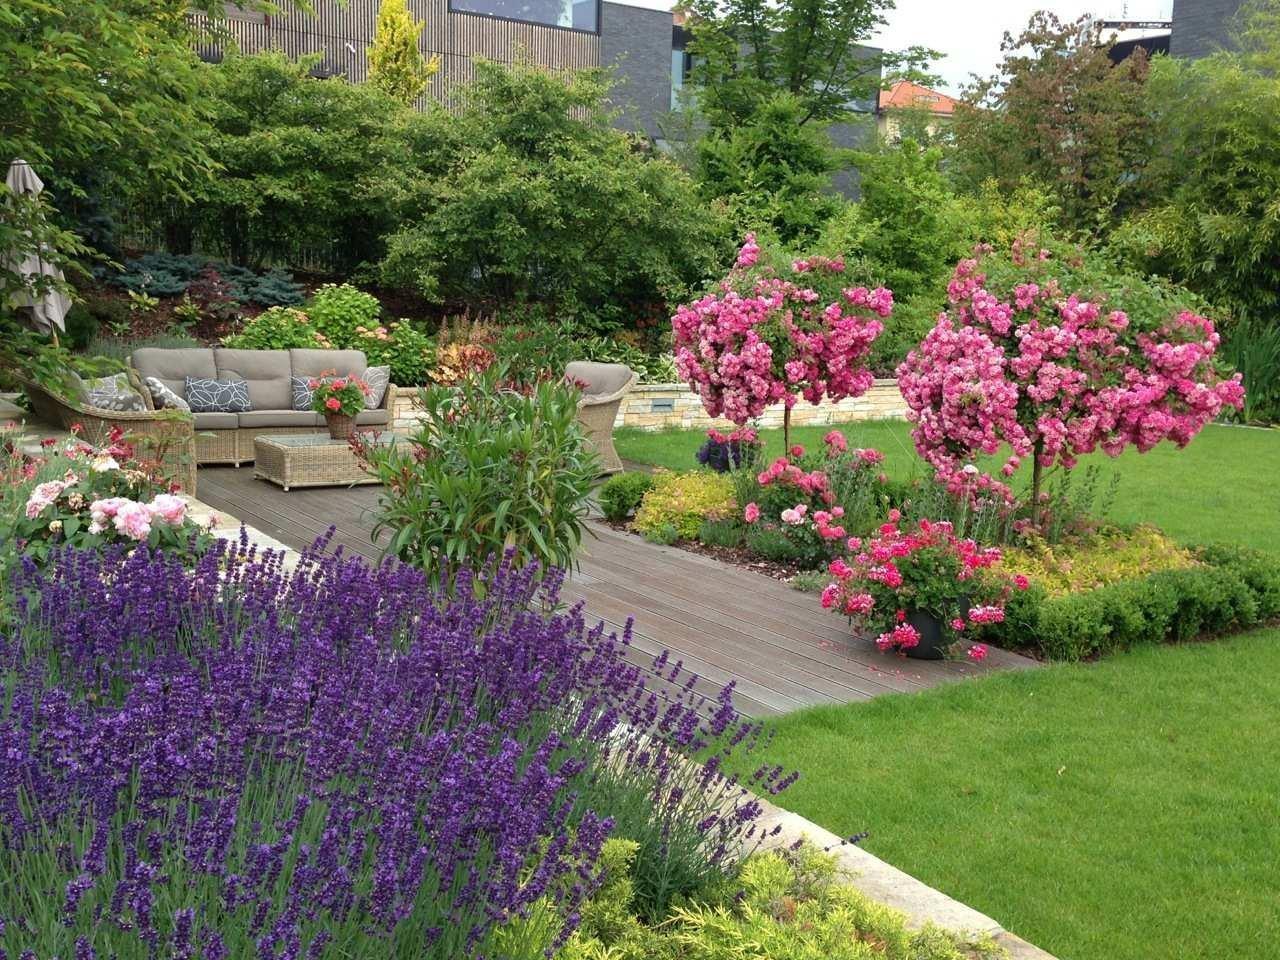 Romantickou zahradu plnou růží jsme vydupali ze země plné plevele, jedna z úžasných realizací našich zahrad.